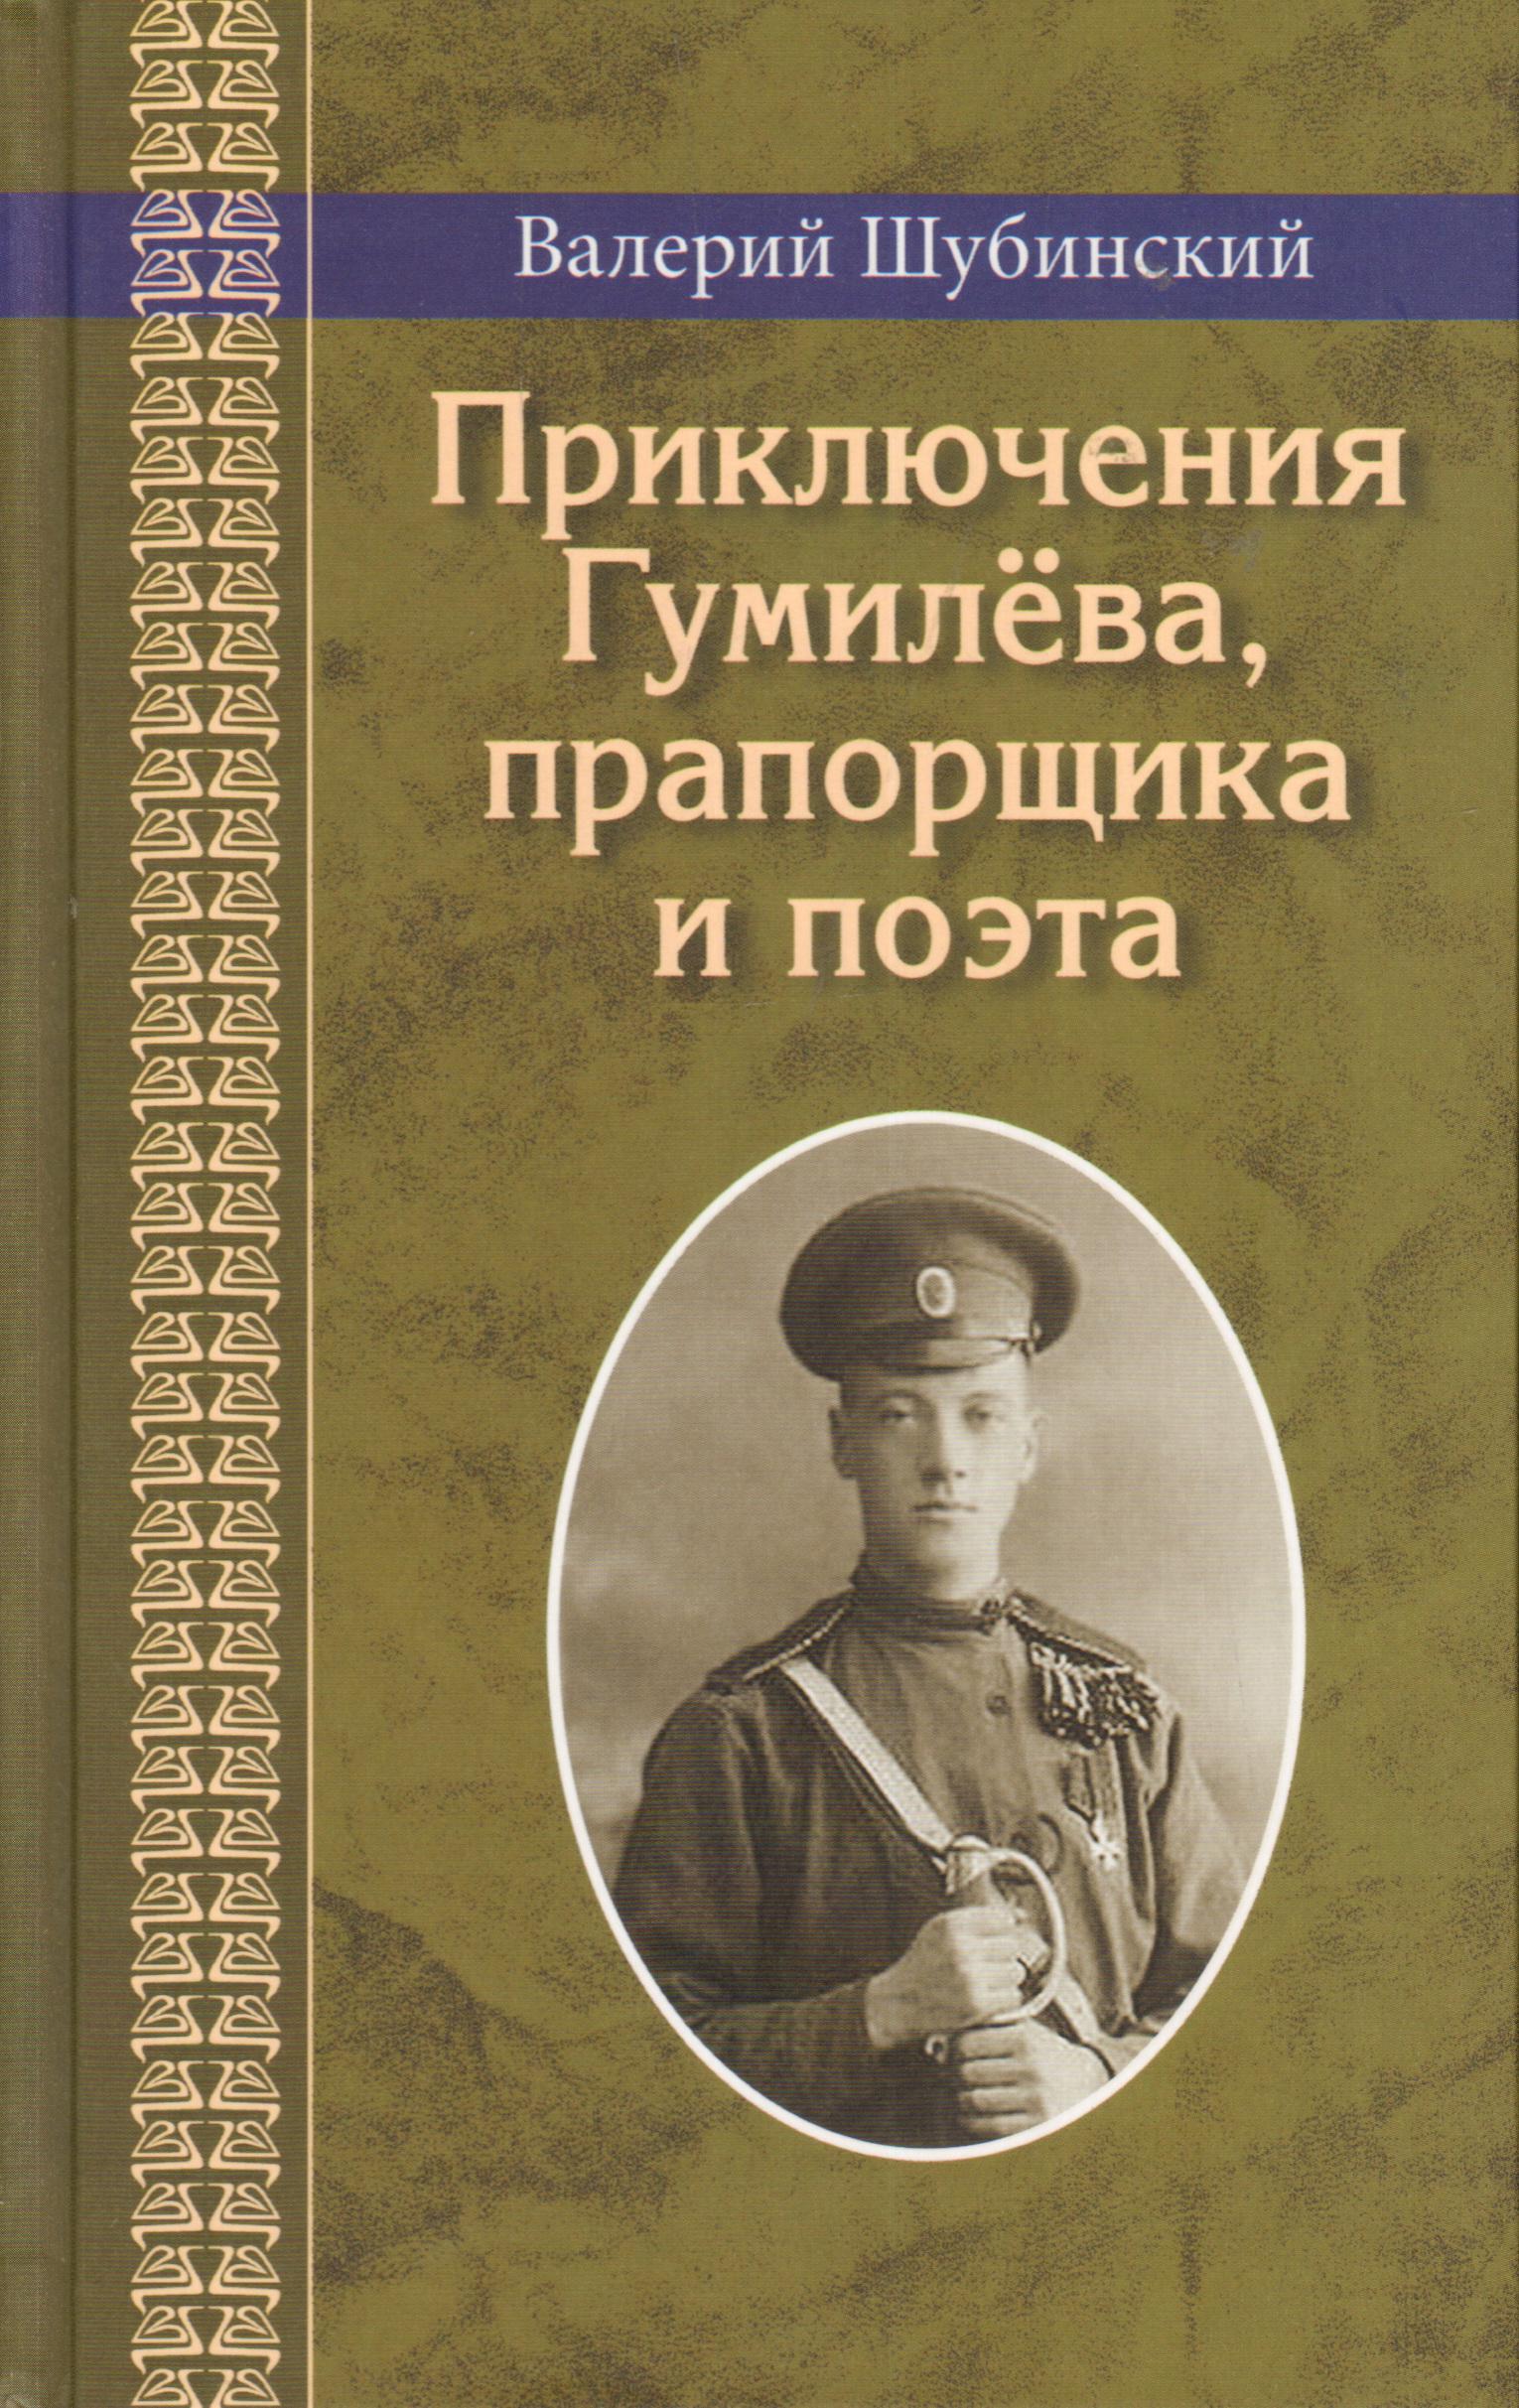 Приключения Гумилева,прапорщика и поэта